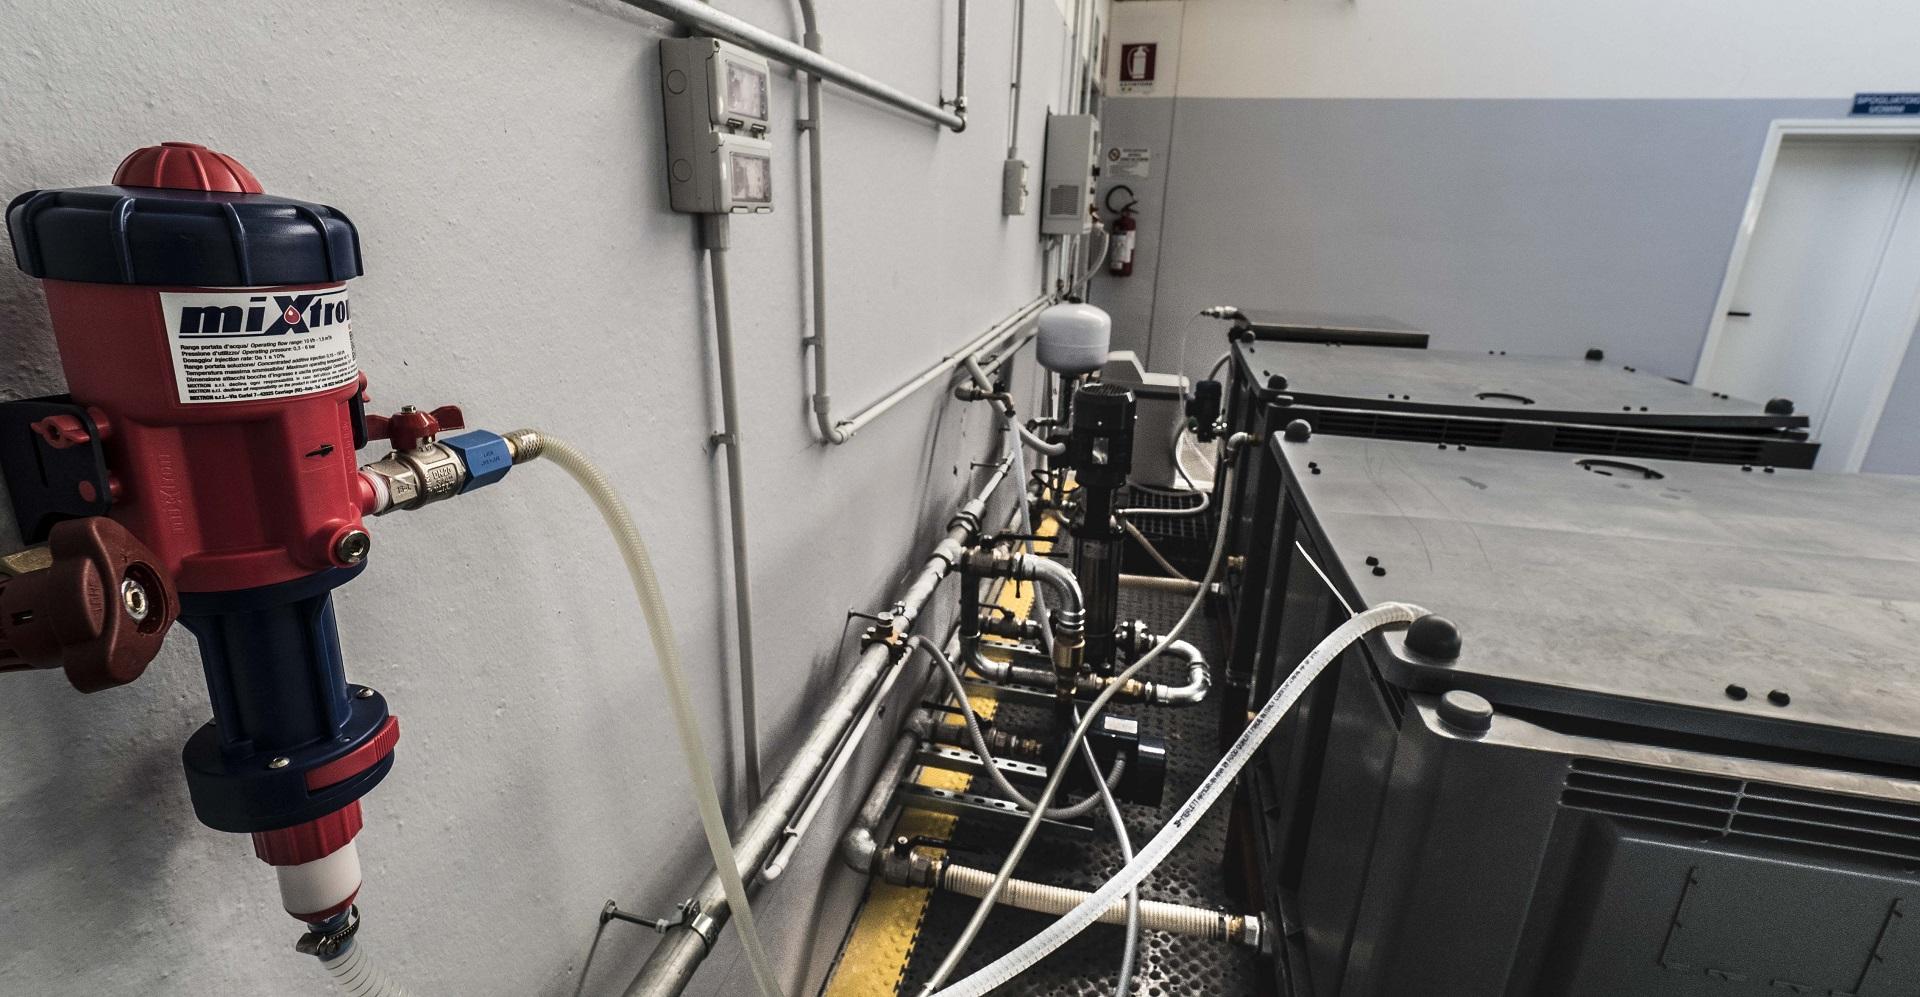 Dosatore Mixtron installato